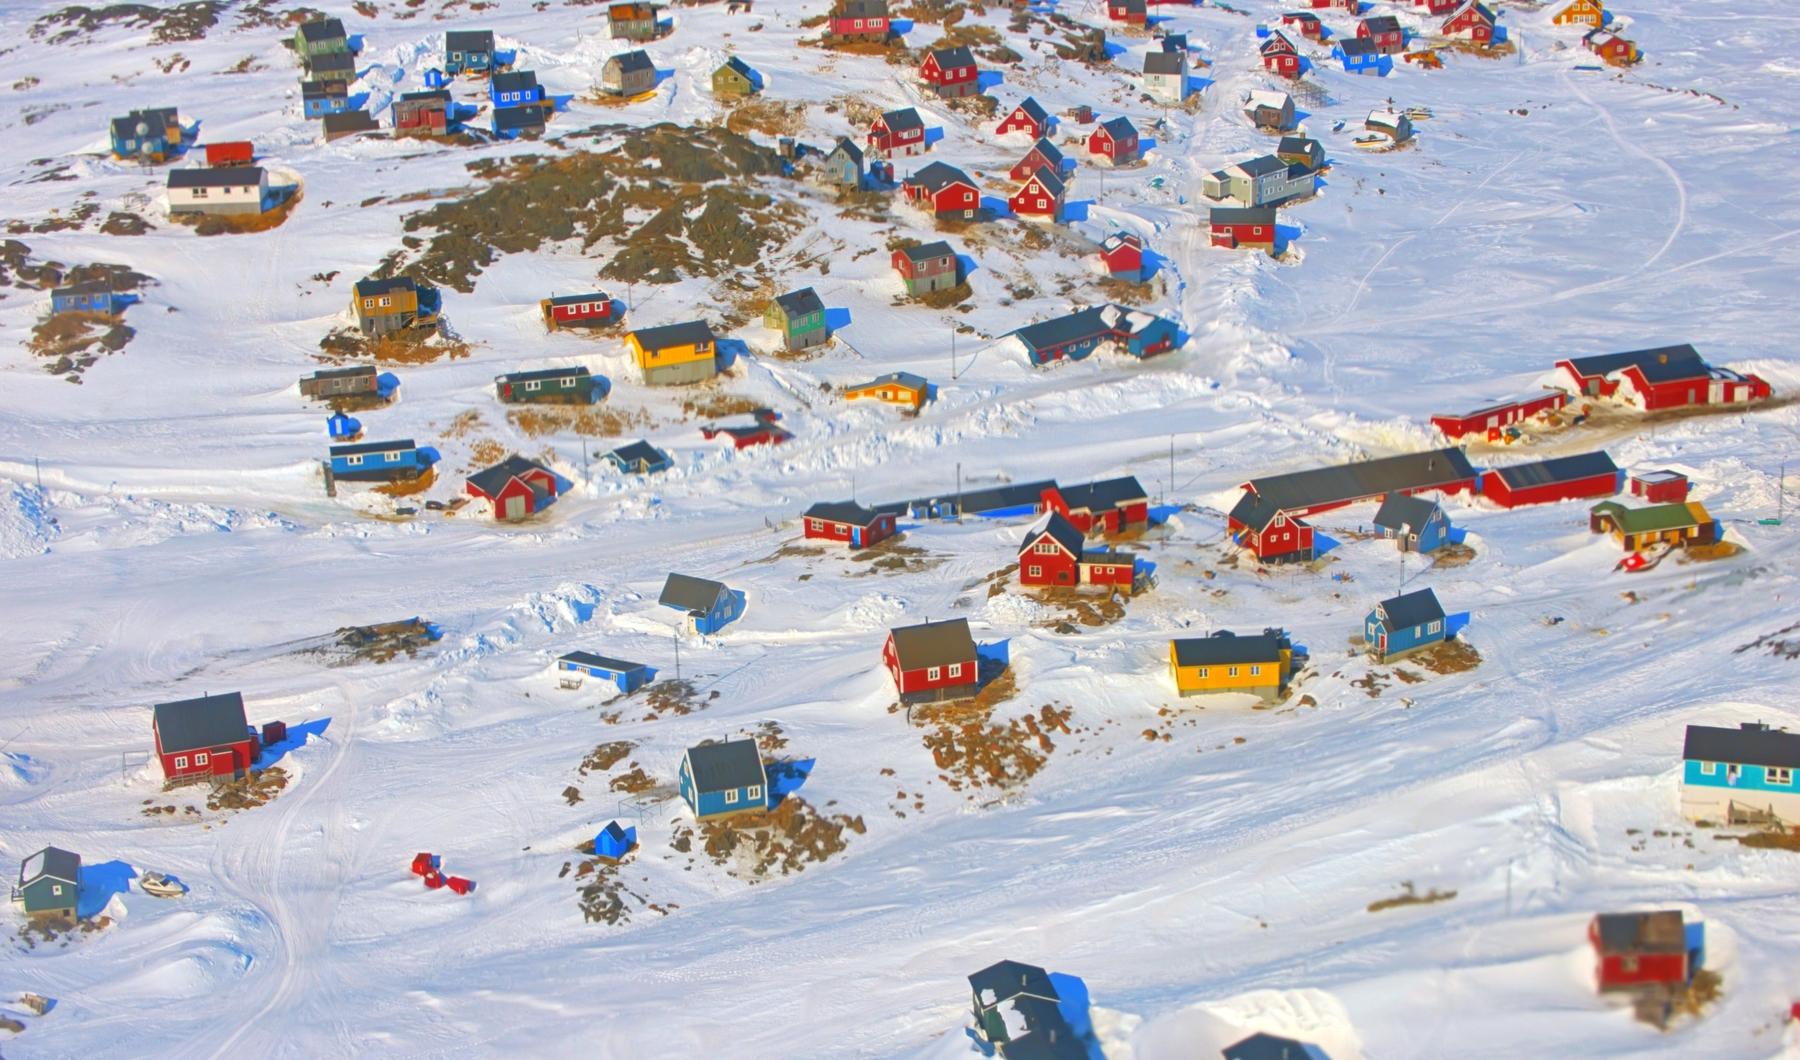 Удаленный от цивилизации городок Иллоккортоормиут в Гренландии